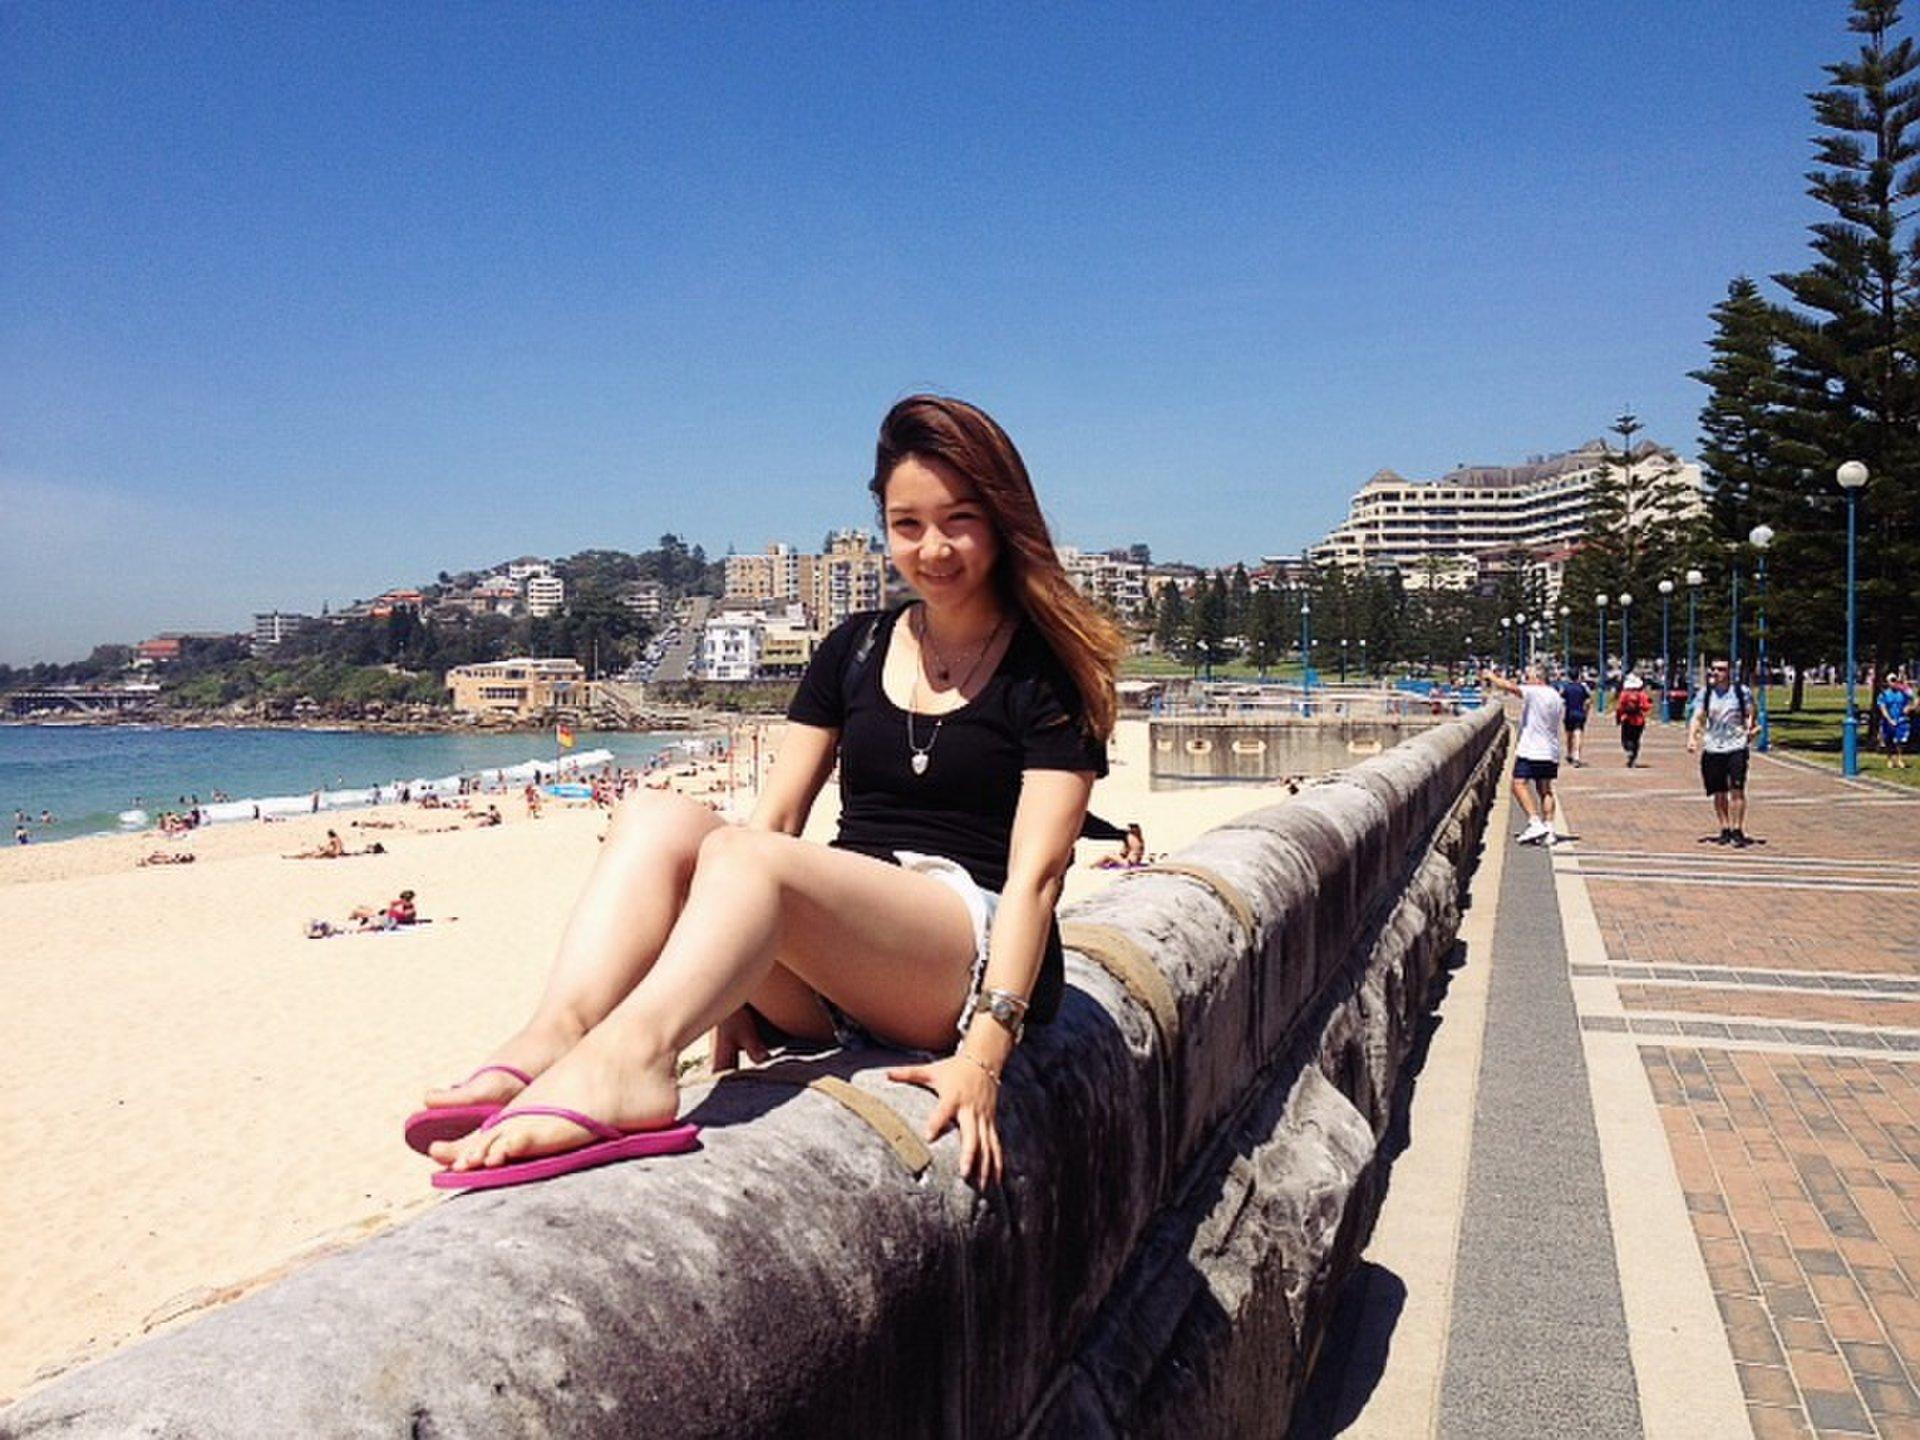 【シドニー】無料で遊ぶ!Coogee Beach/クージービーチBBQ&ビーチで泳ぐ最高のひと時☆